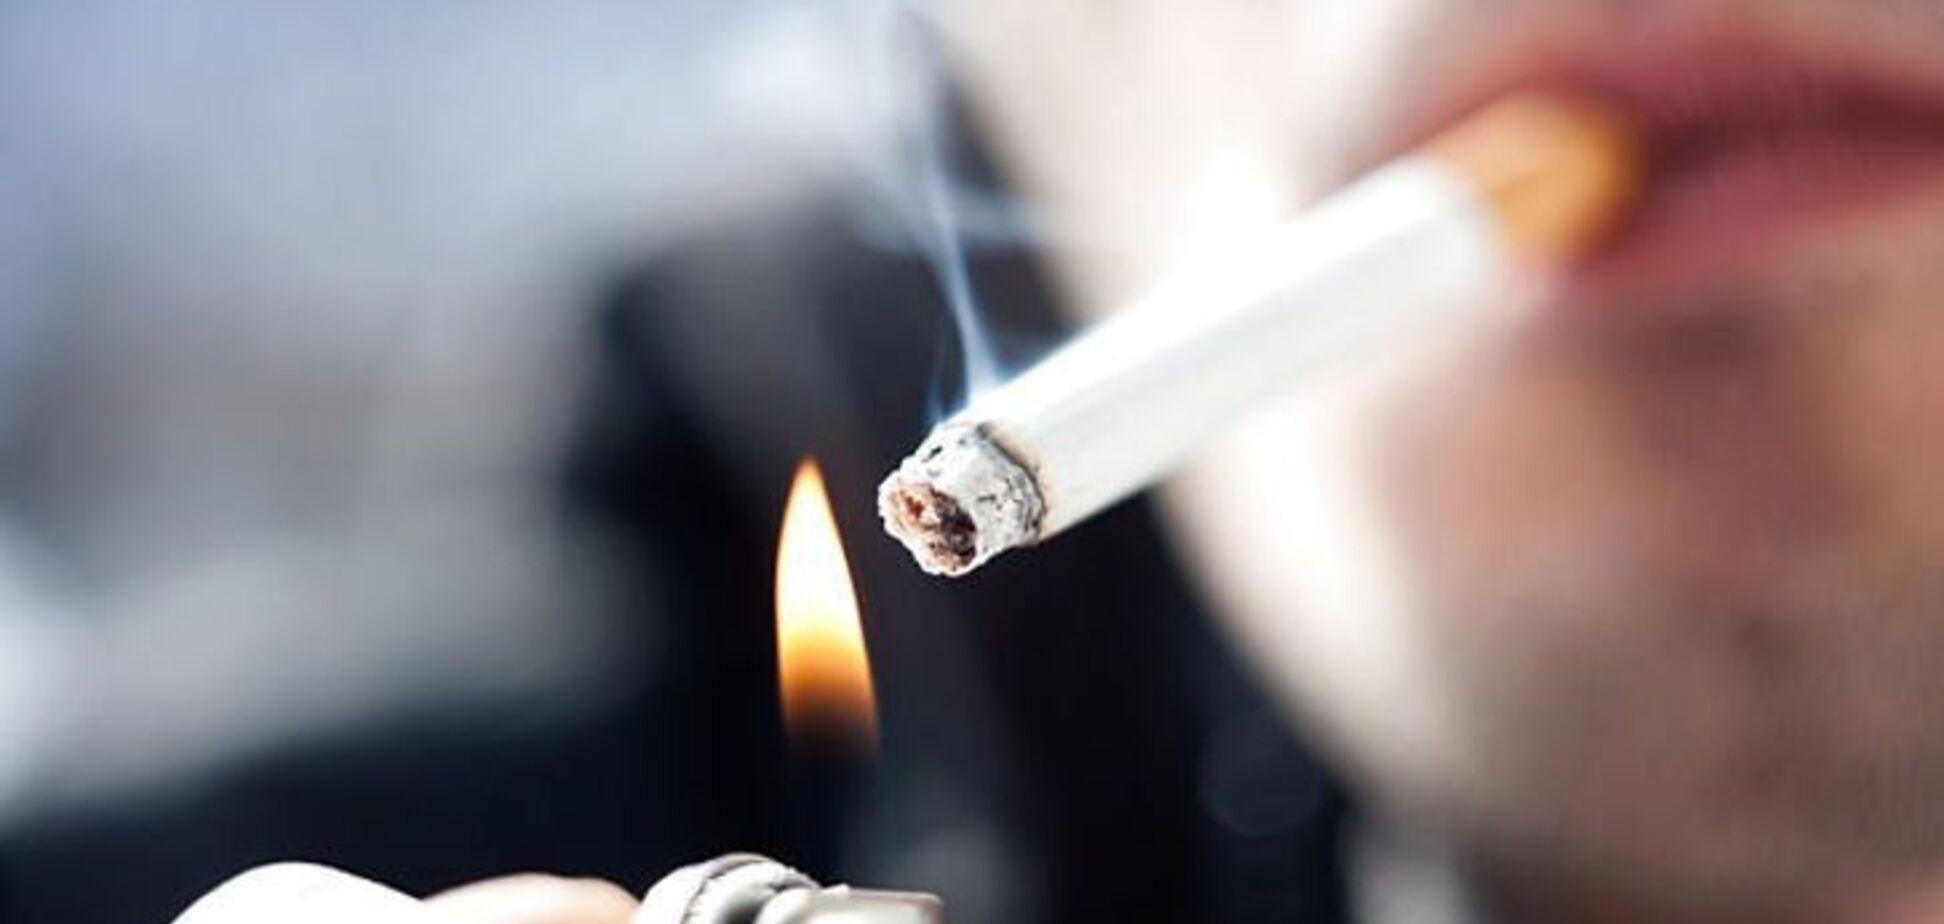 Курить і матюкається на парах: у скандалі з витівками викладача на Прикарпатті з'явилися нові деталі